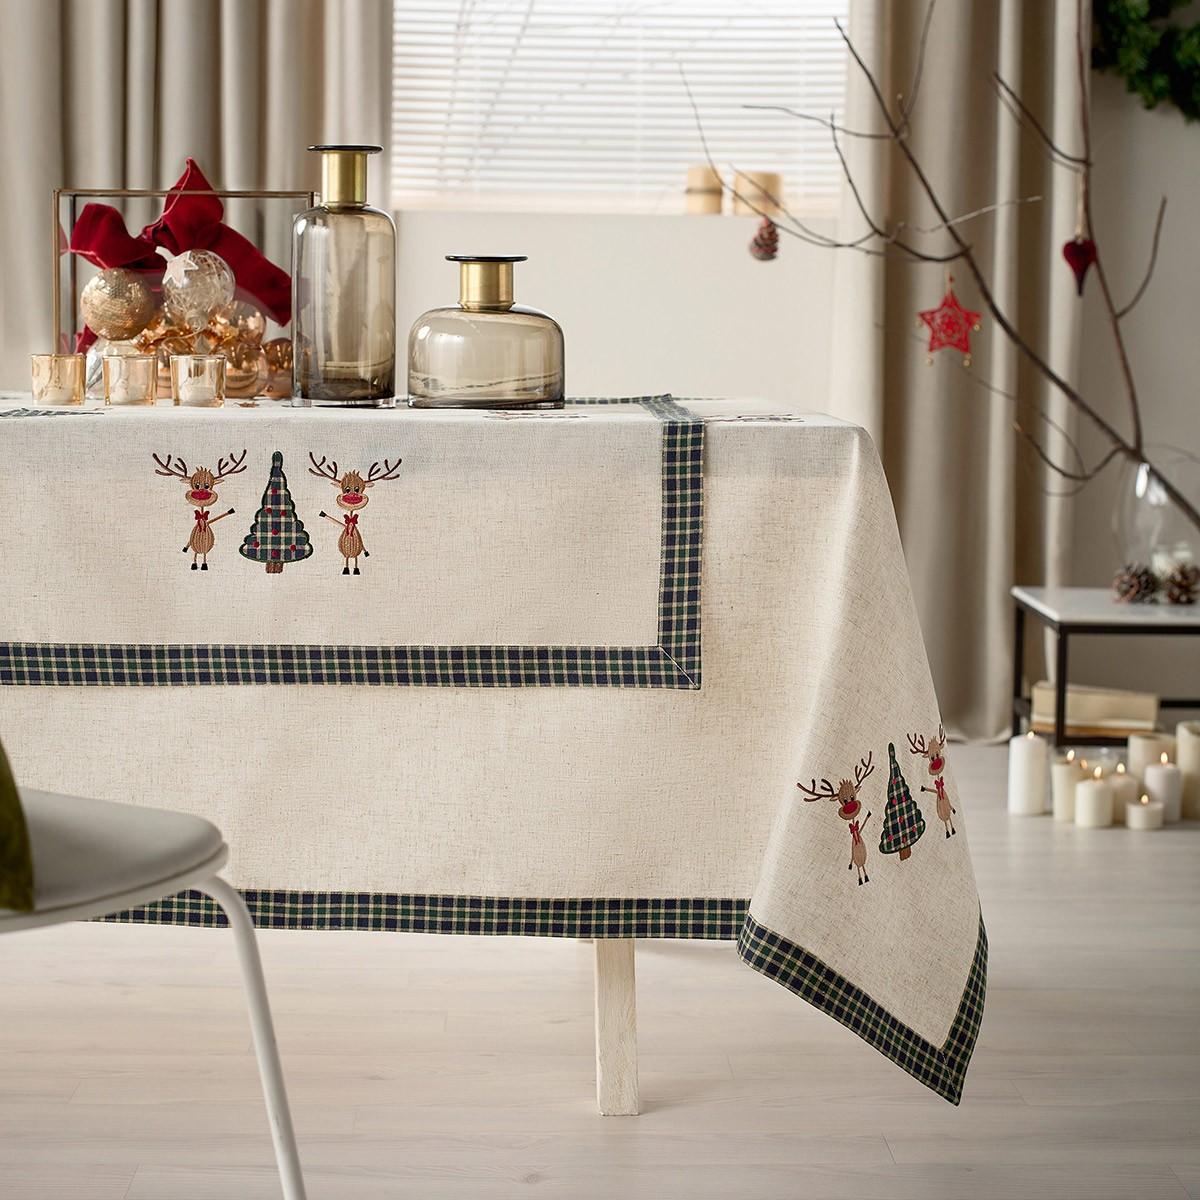 Χριστουγεννιάτικο Τραπεζομάντηλο (150×220) Gofis Home 273